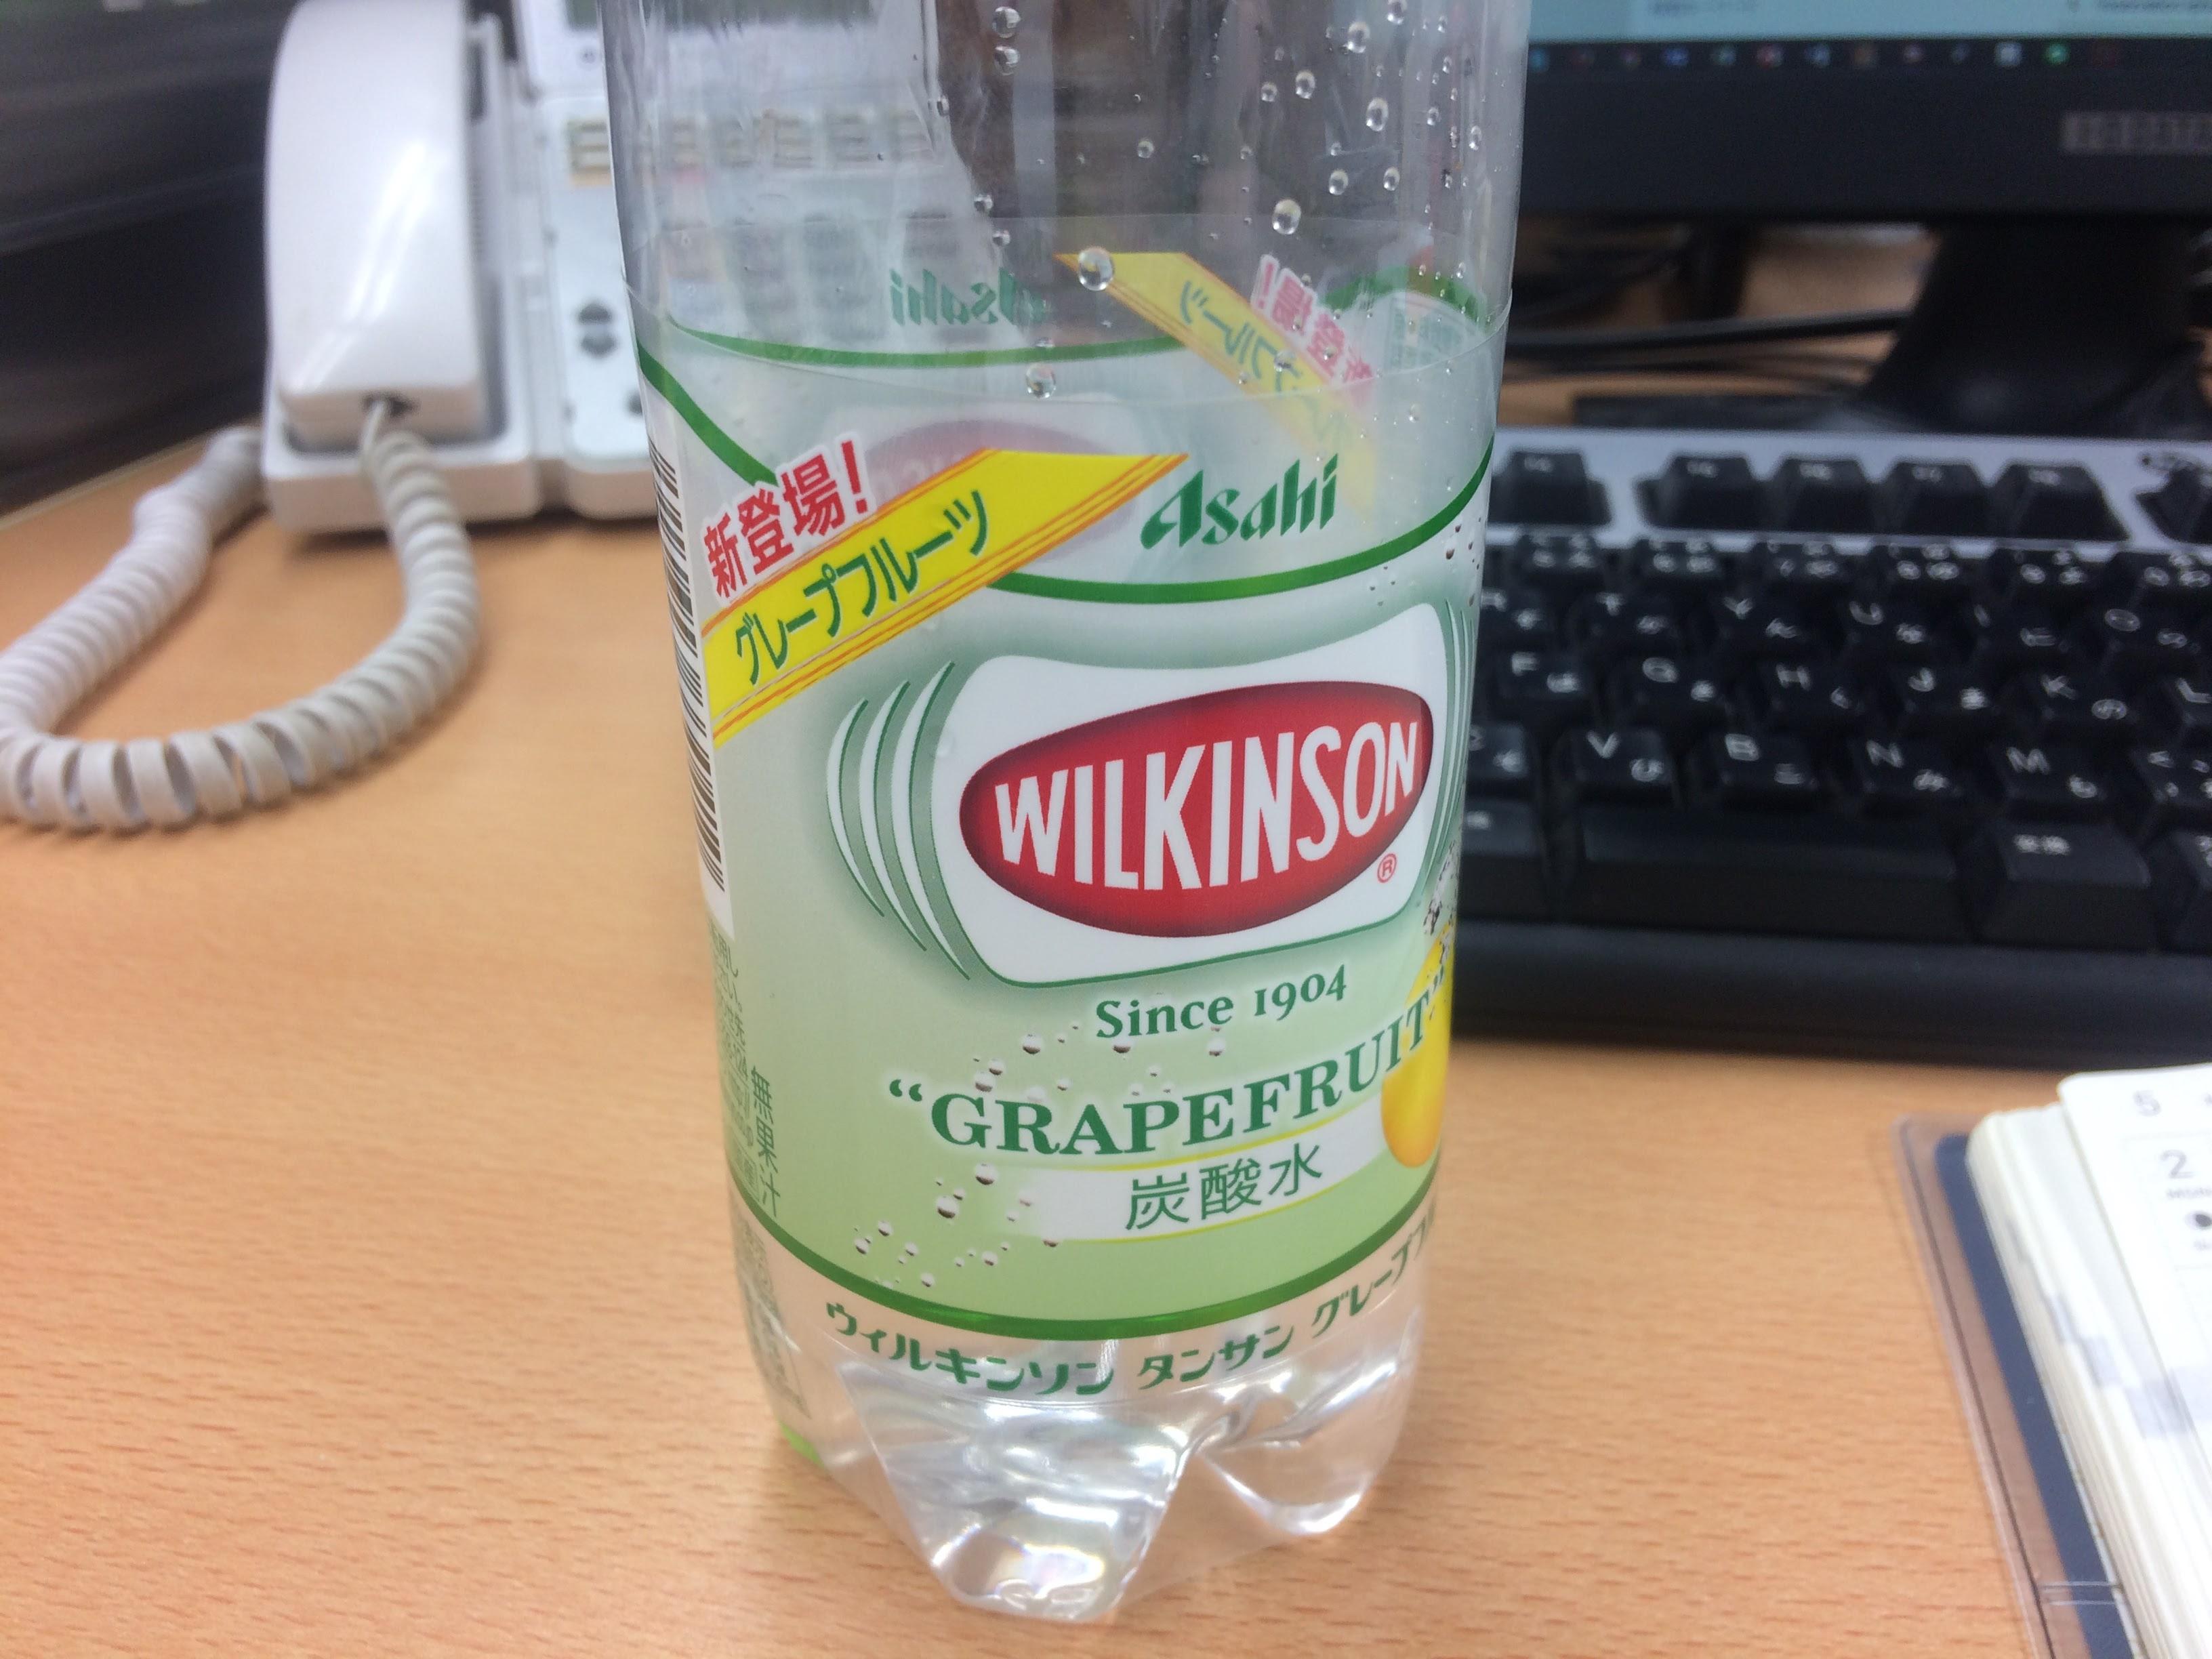 ウィルキンソン グレープフルーツ